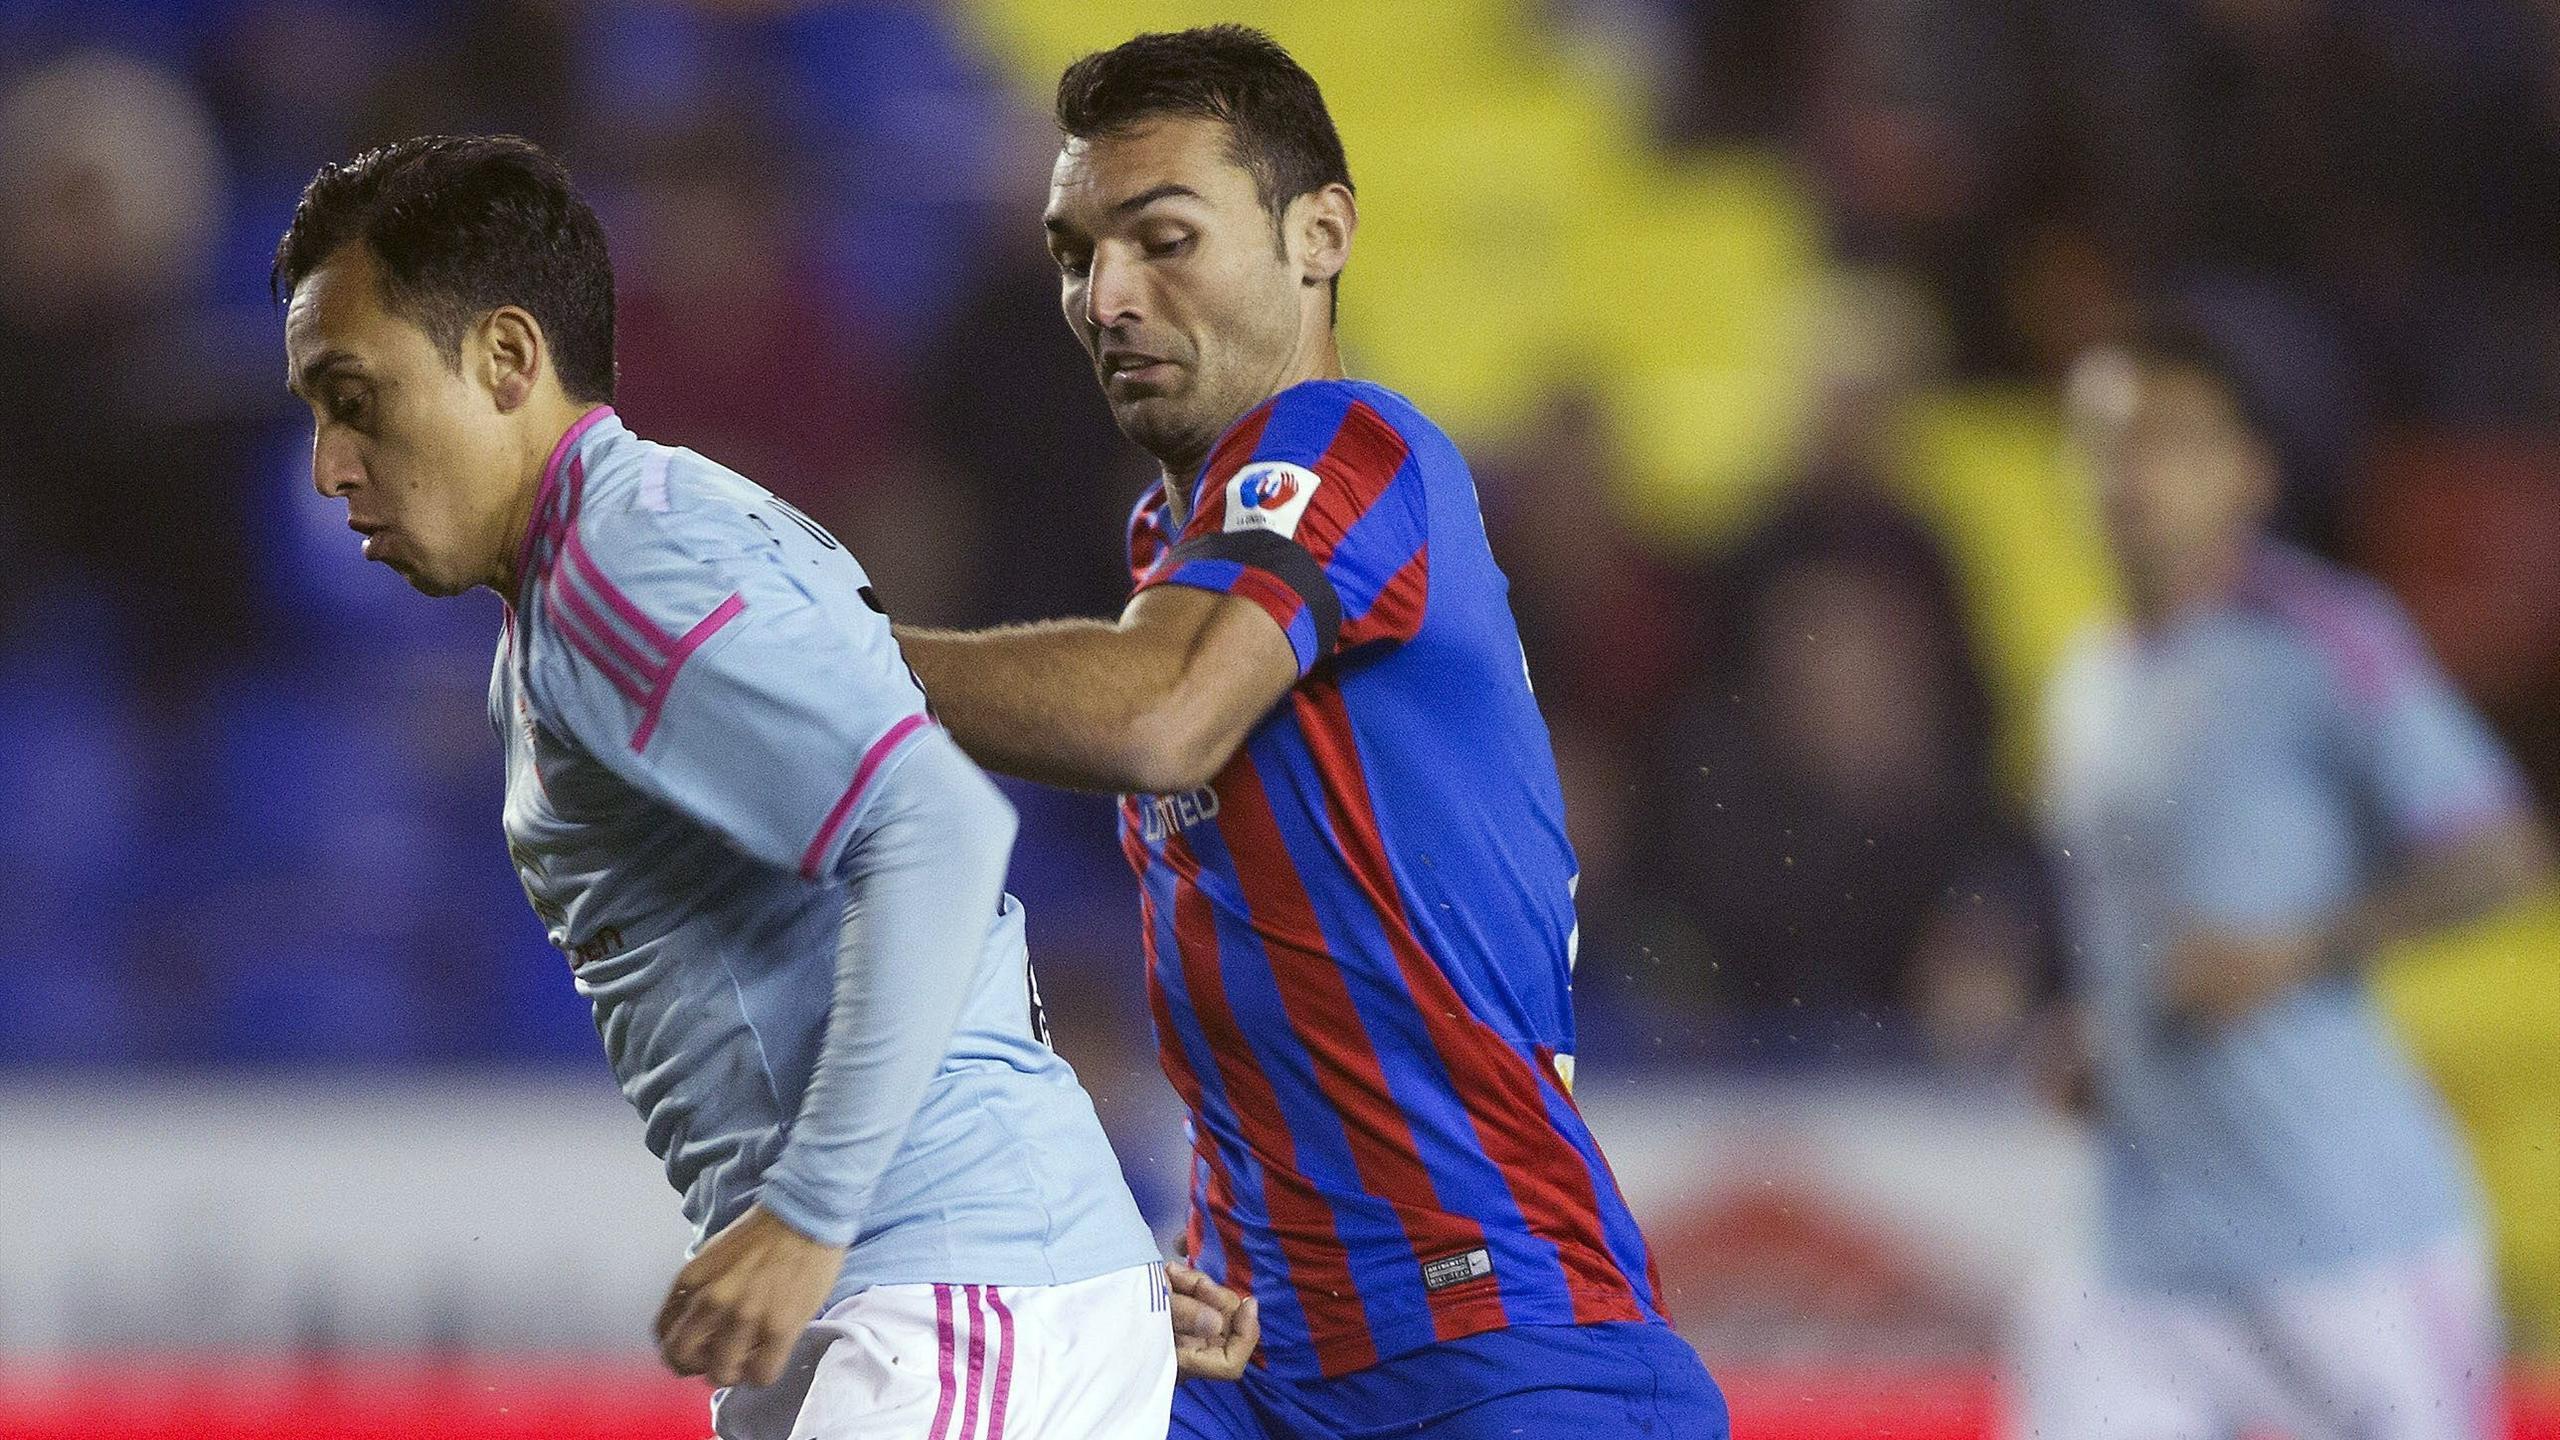 Video: Levante vs Celta de Vigo